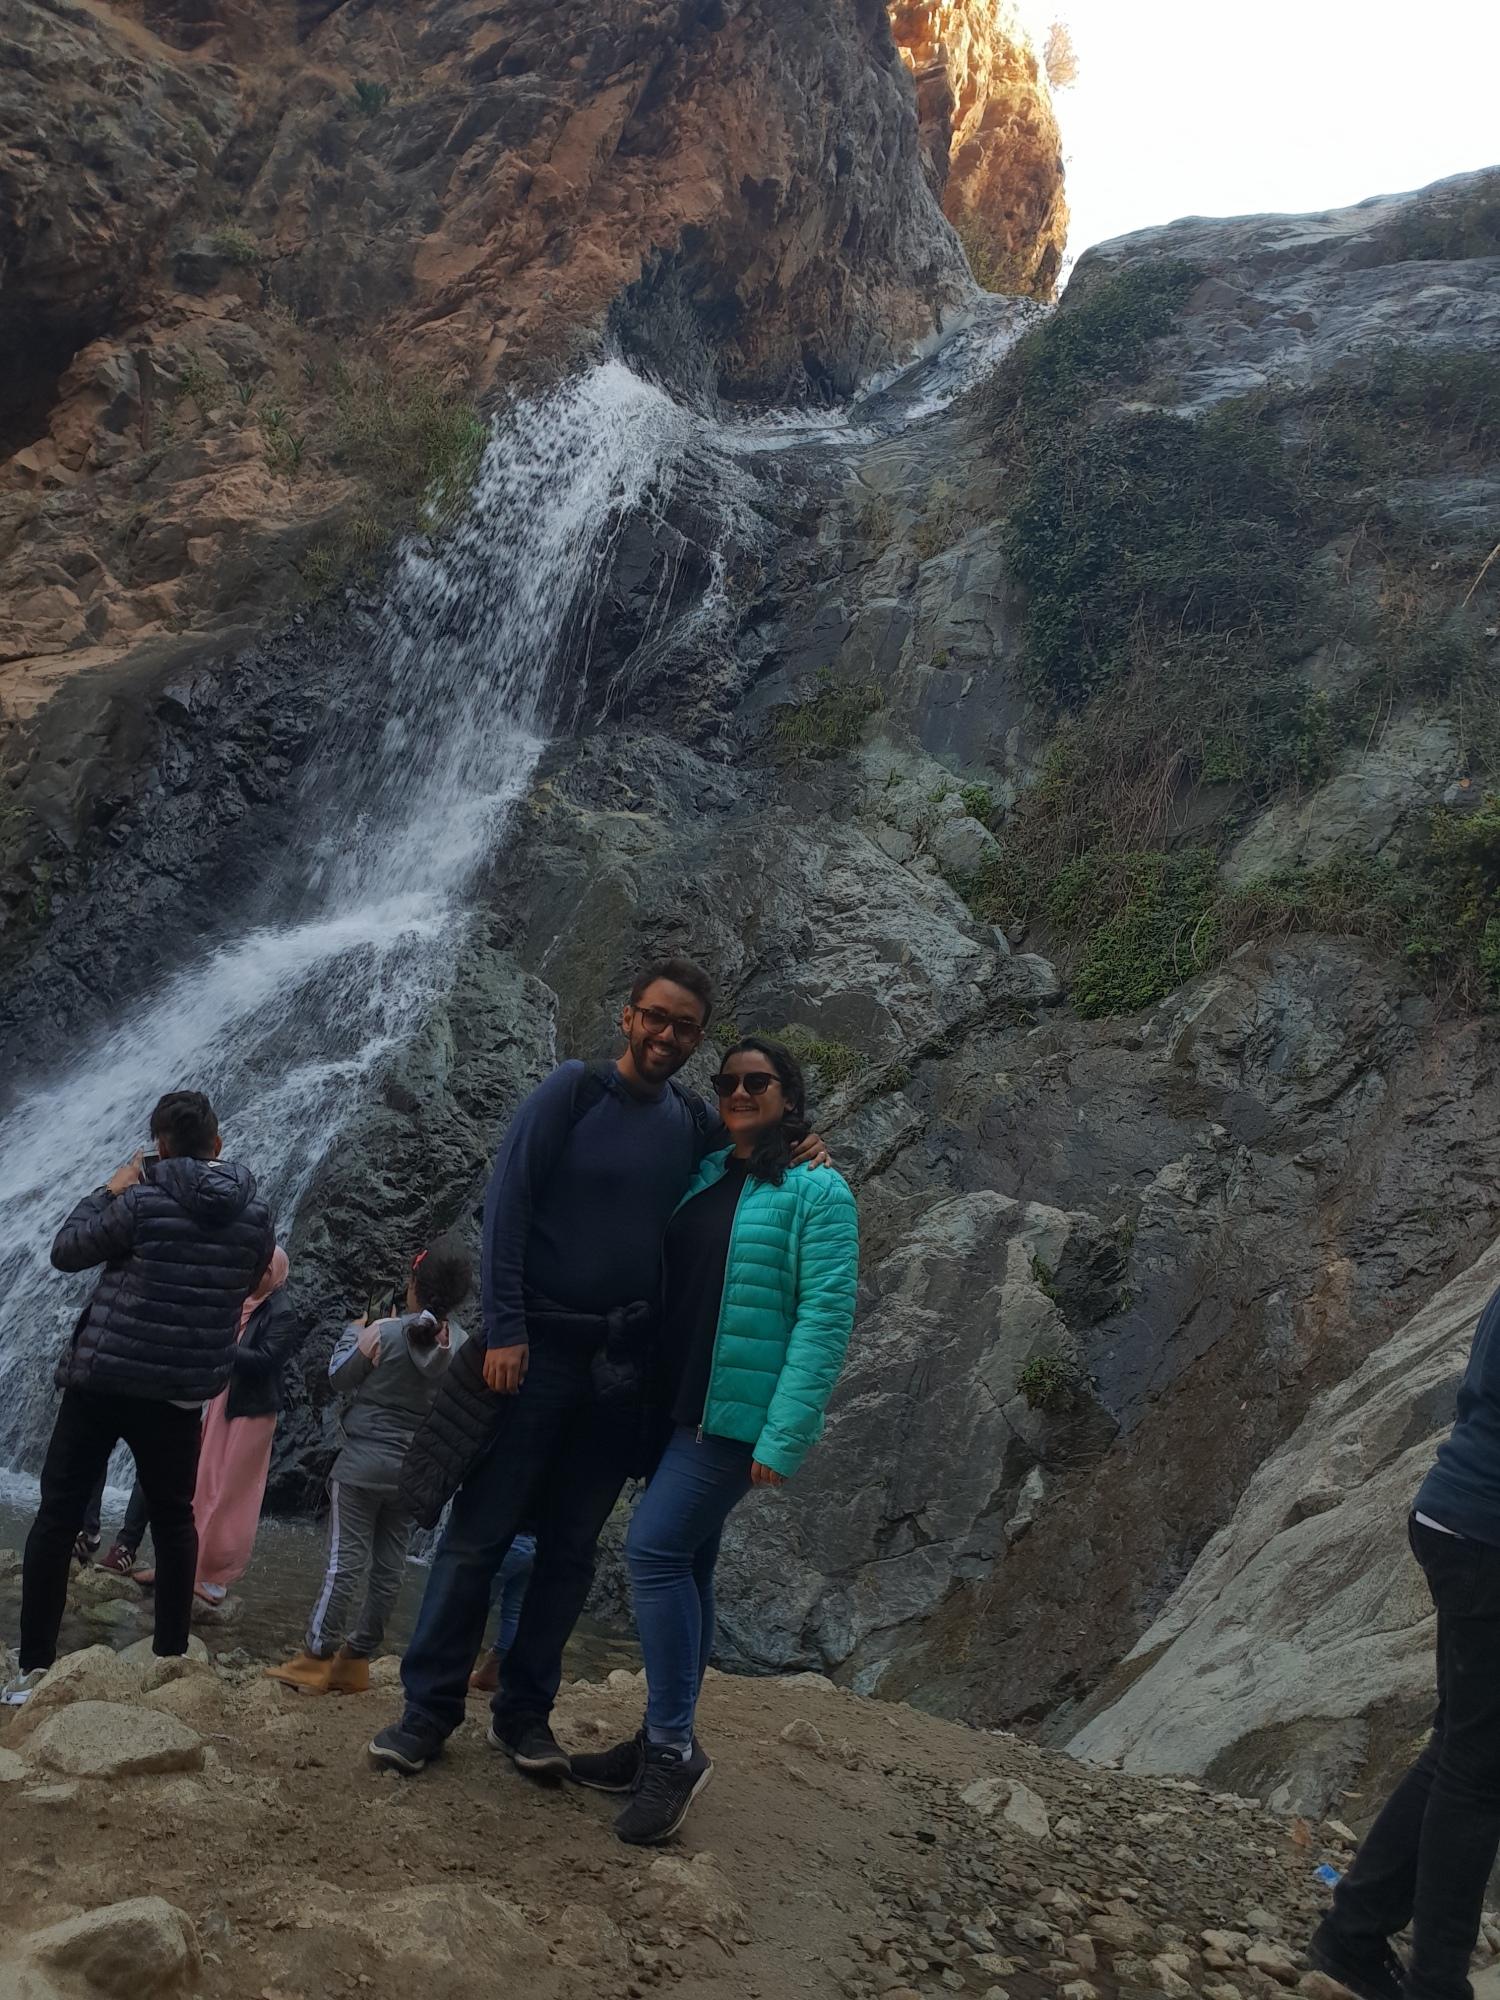 Sarah et Sami devant la première cascade de setti-Fatma dans la vallée d'Ourika près de Marrakech